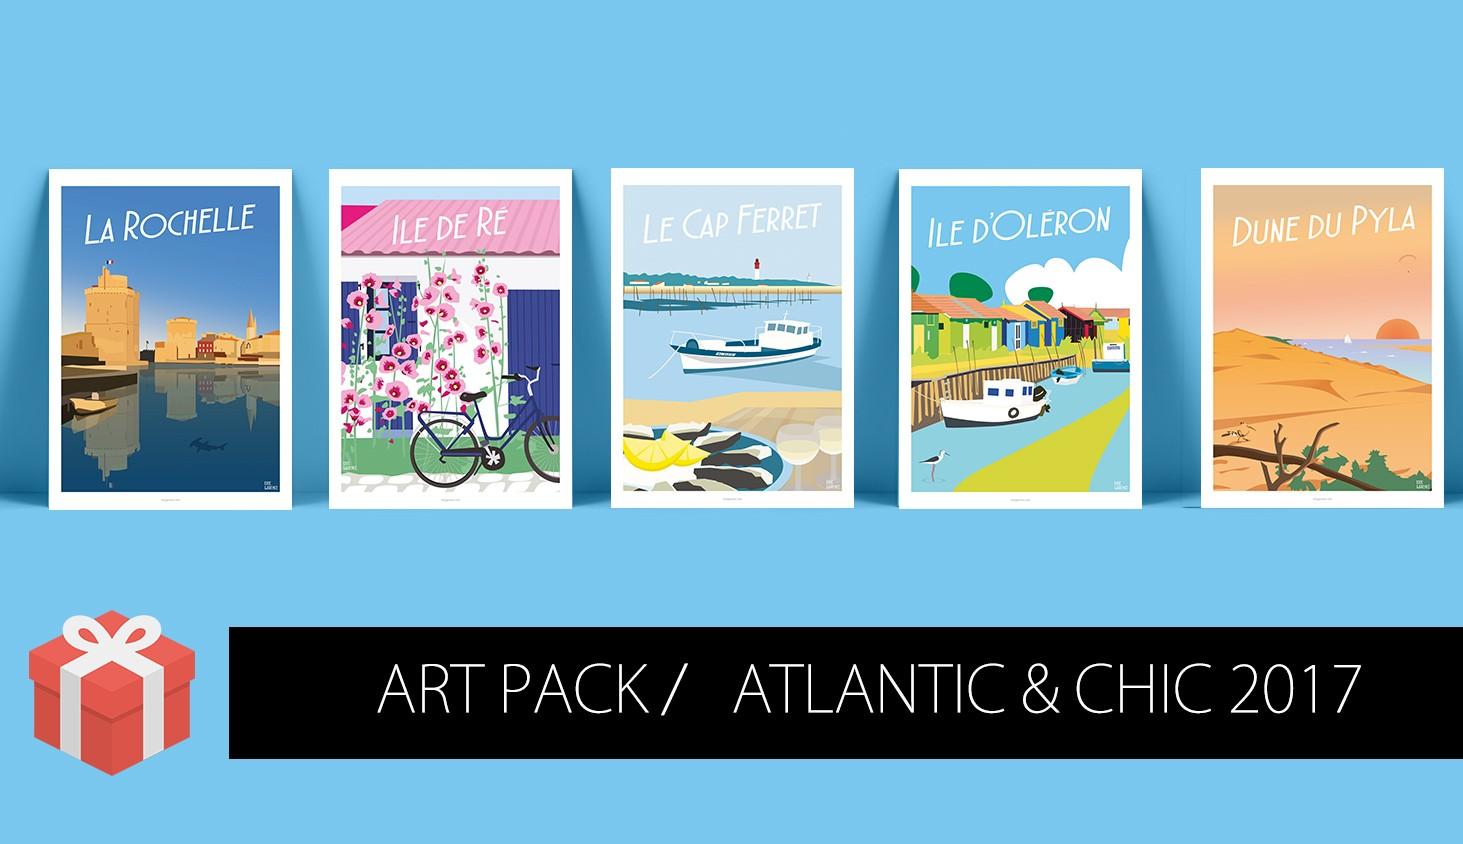 Art Pack Côte Atlantique & Chic